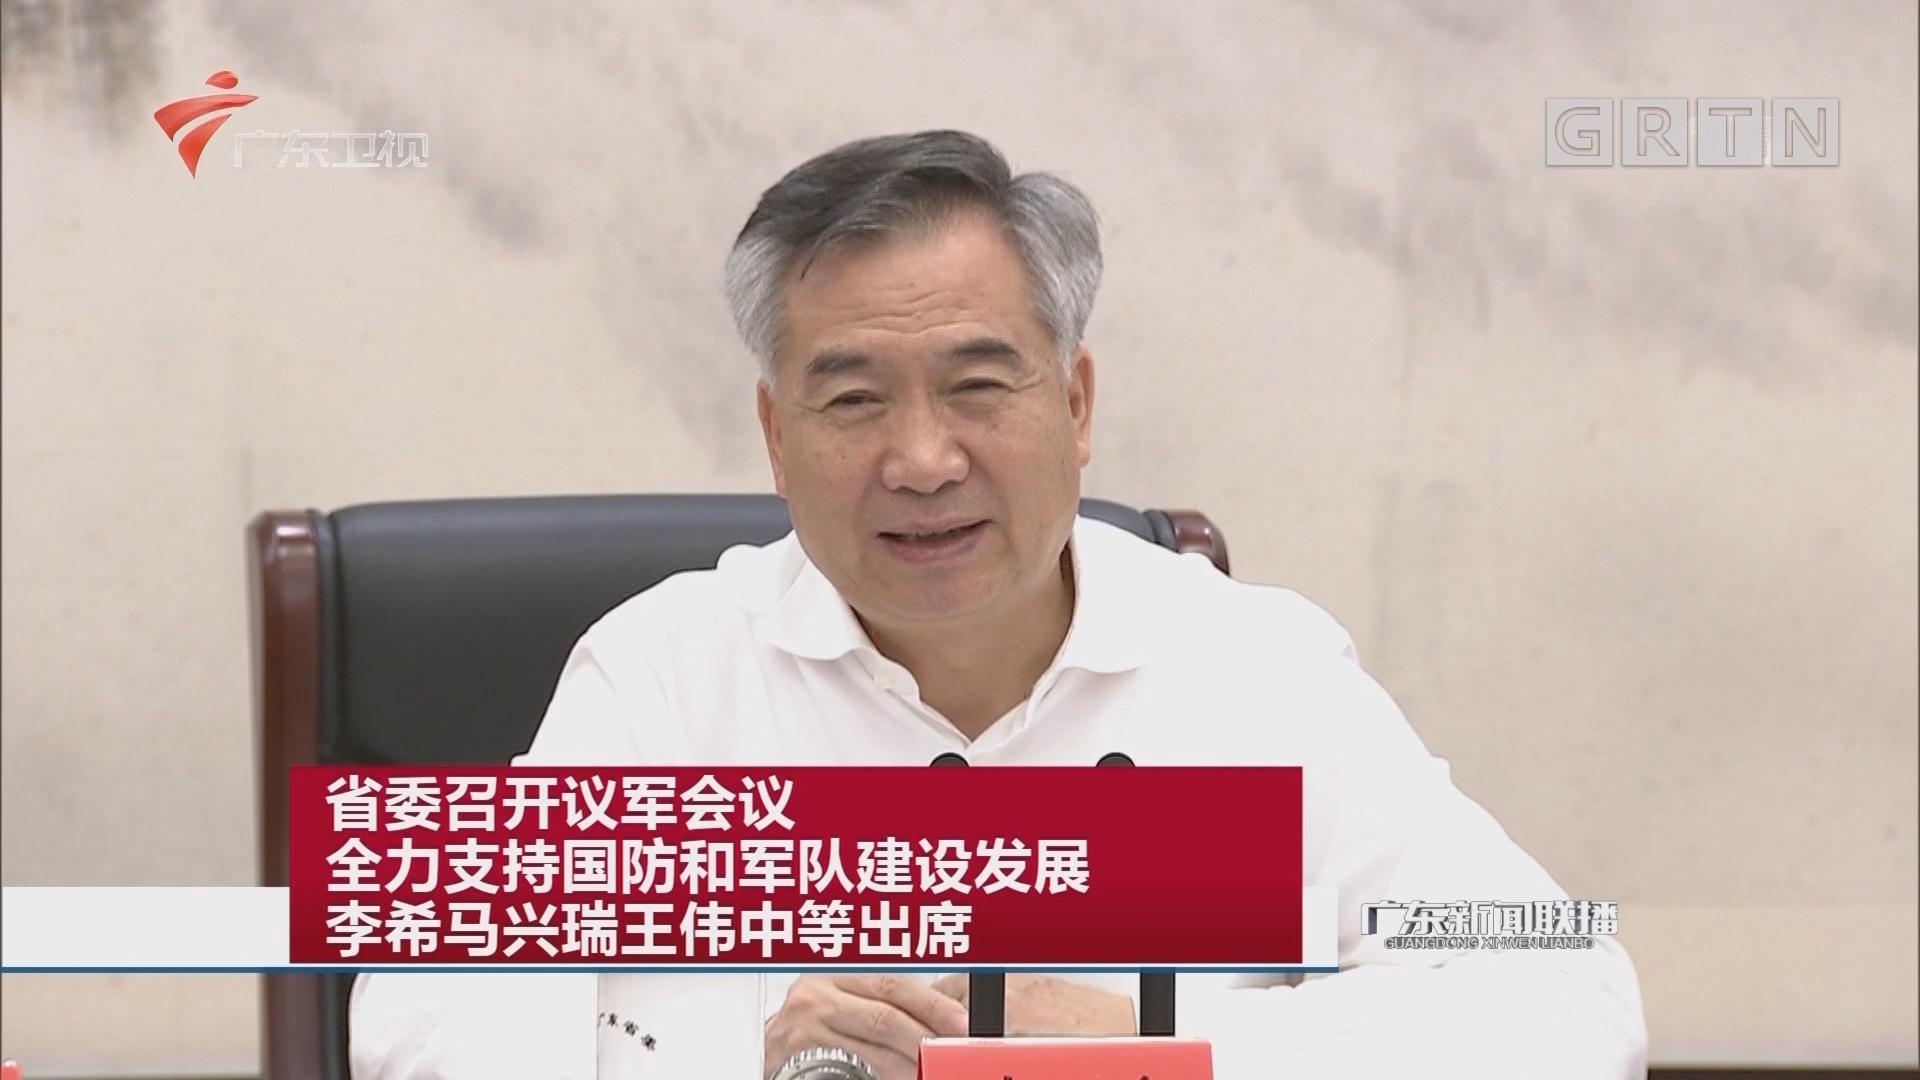 省委召开议军会议 全力支持国防和军队建设发展 李希马兴瑞王伟中等出席